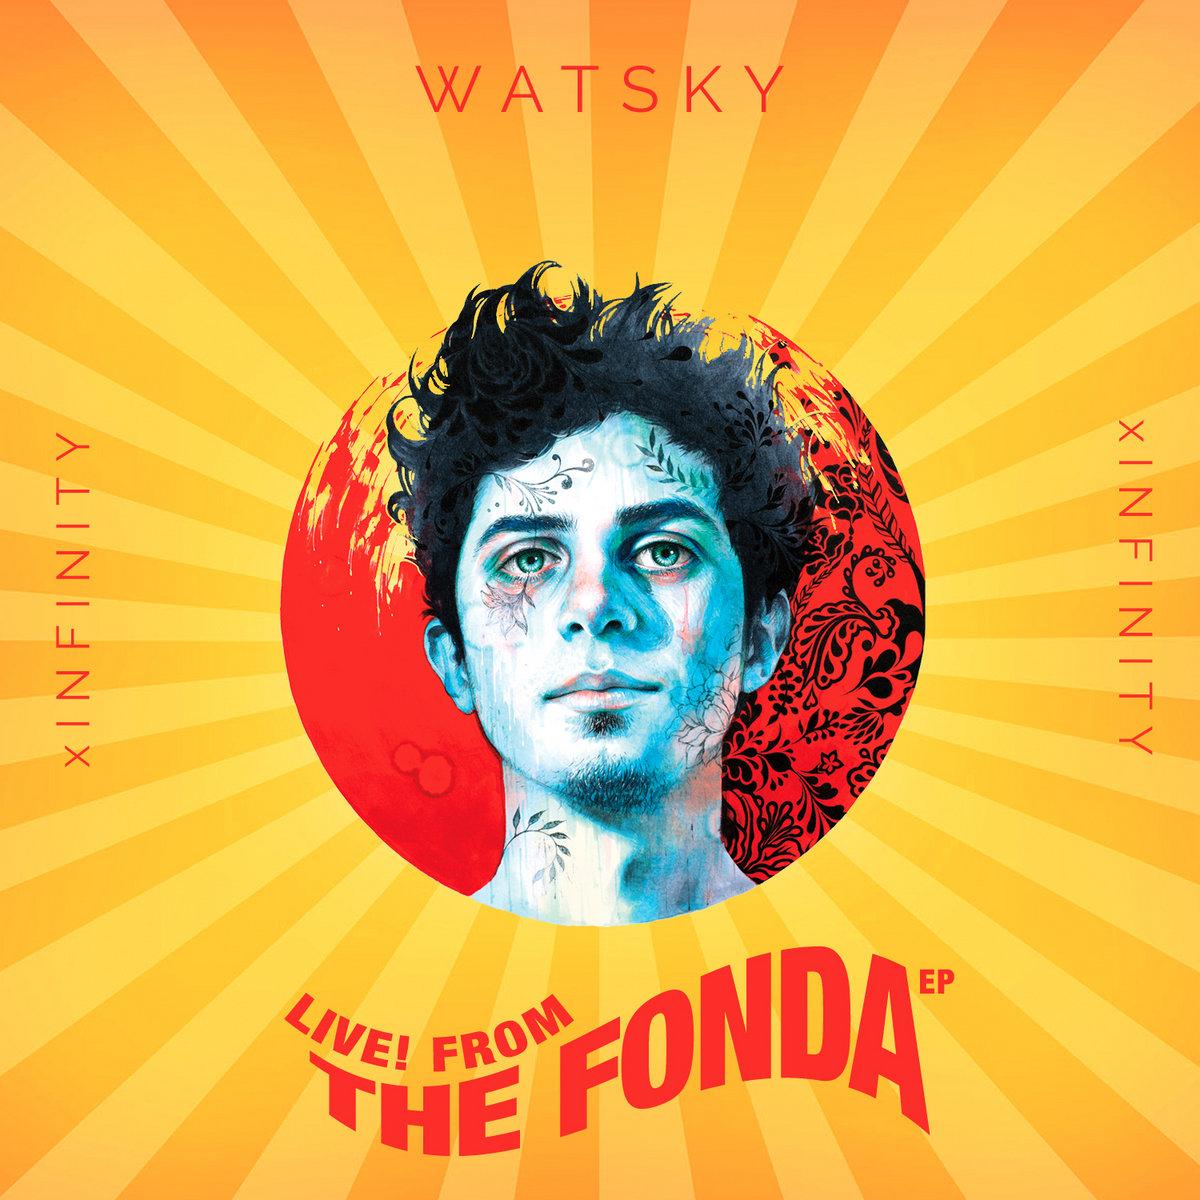 watsky album download